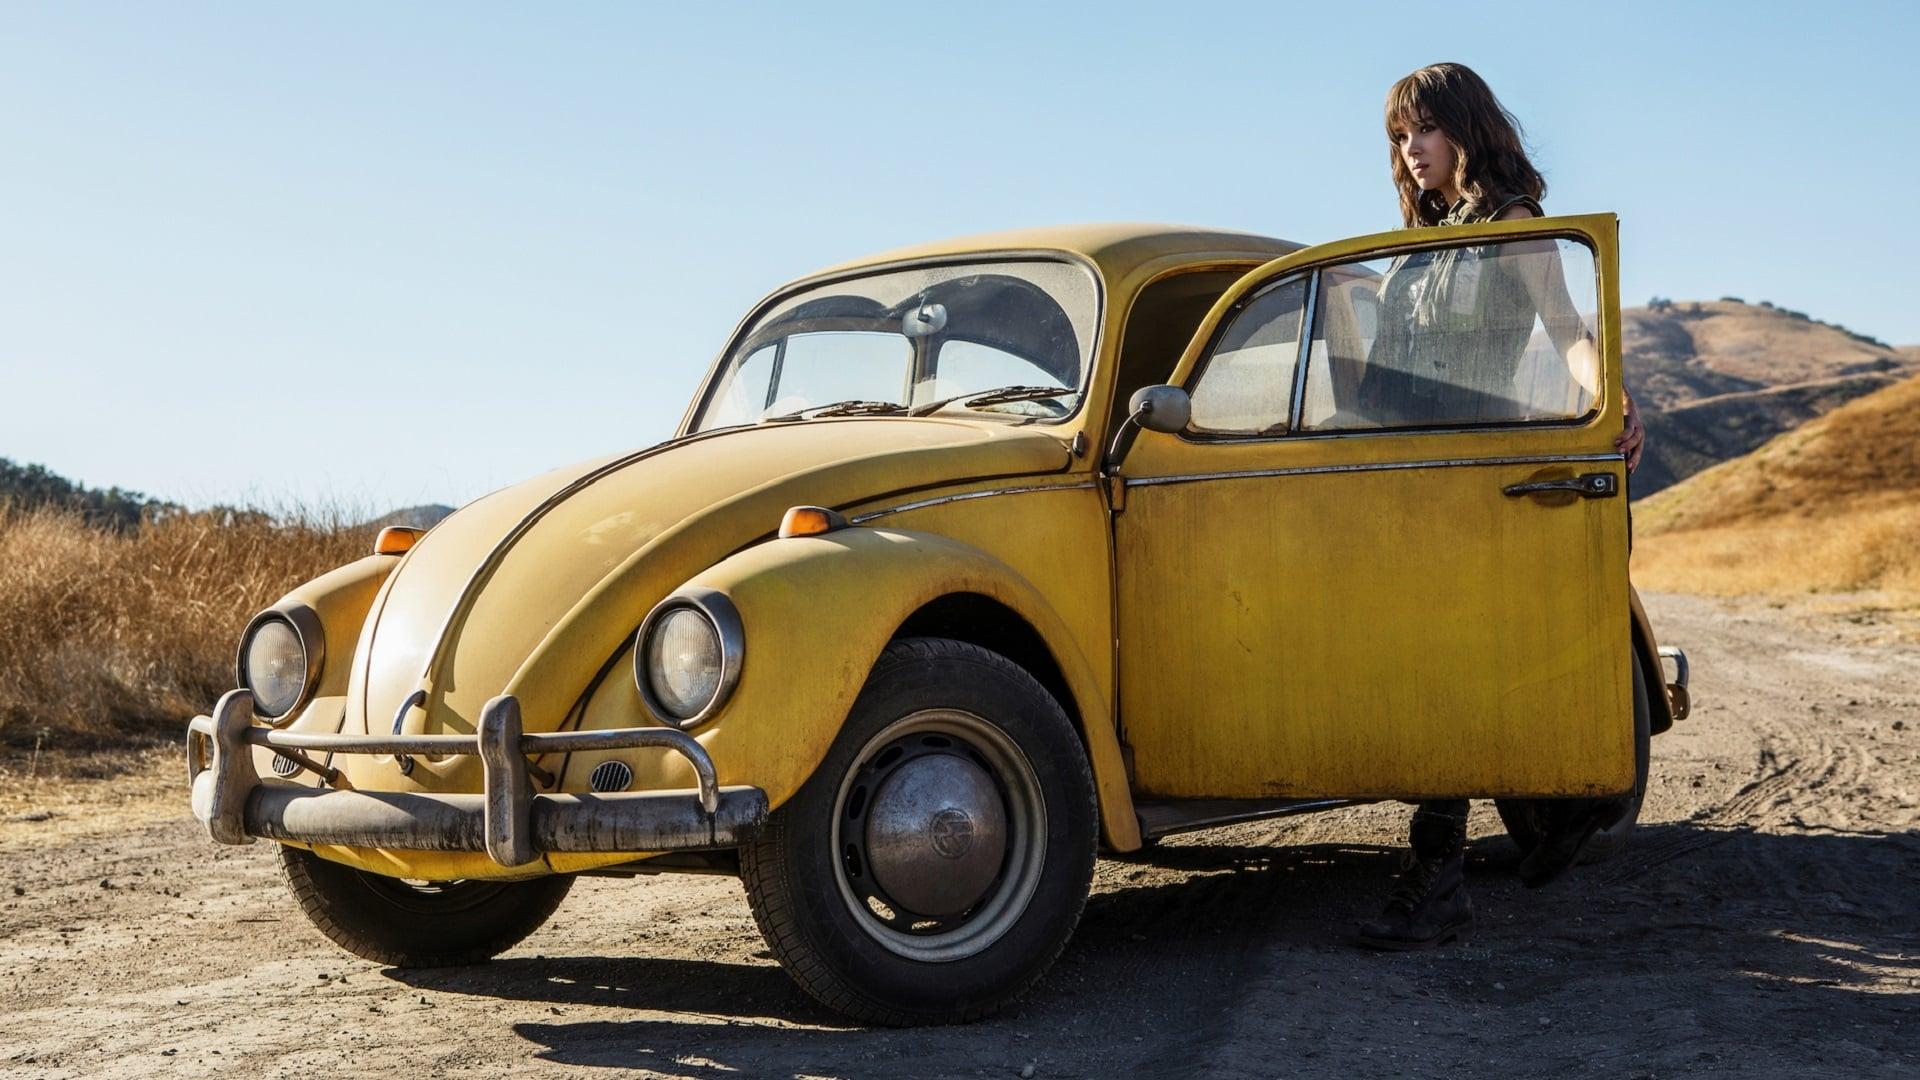 Image: Bumblebee/TMDb